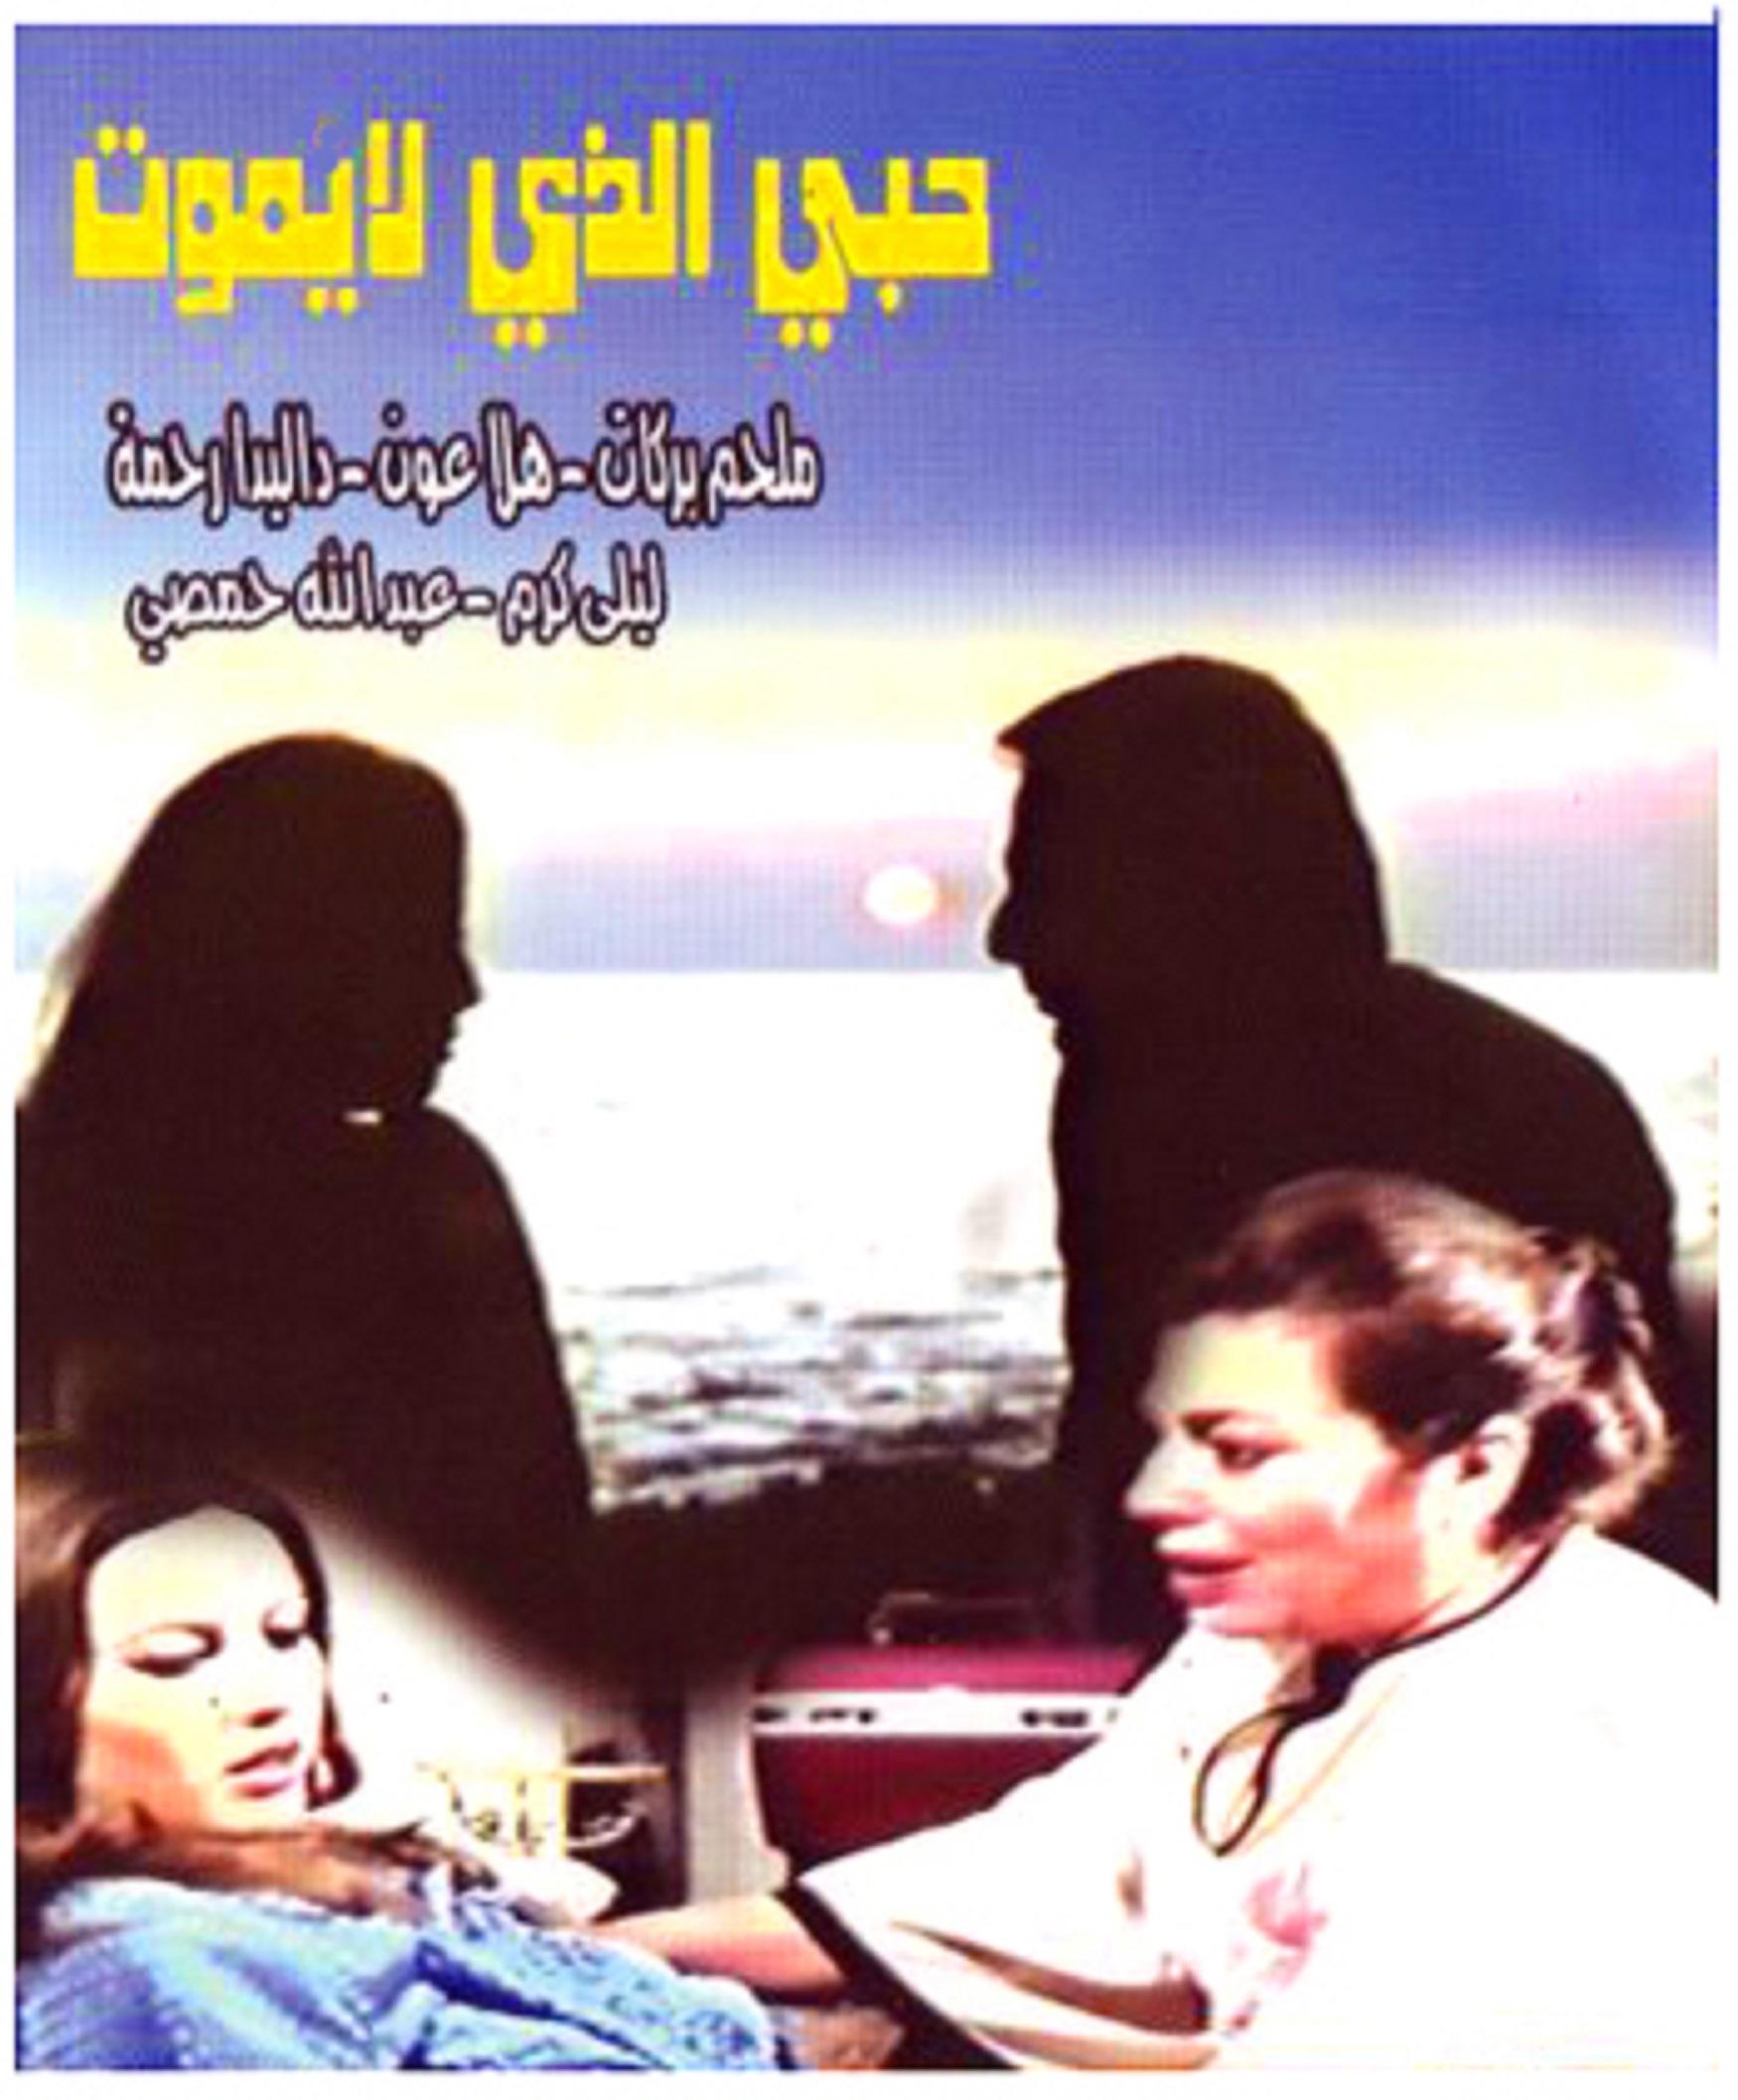 Hoba Alazy La Yamoot فيلم حبى الذى لا يموت -- Seeders: 2 -- Leechers: 0